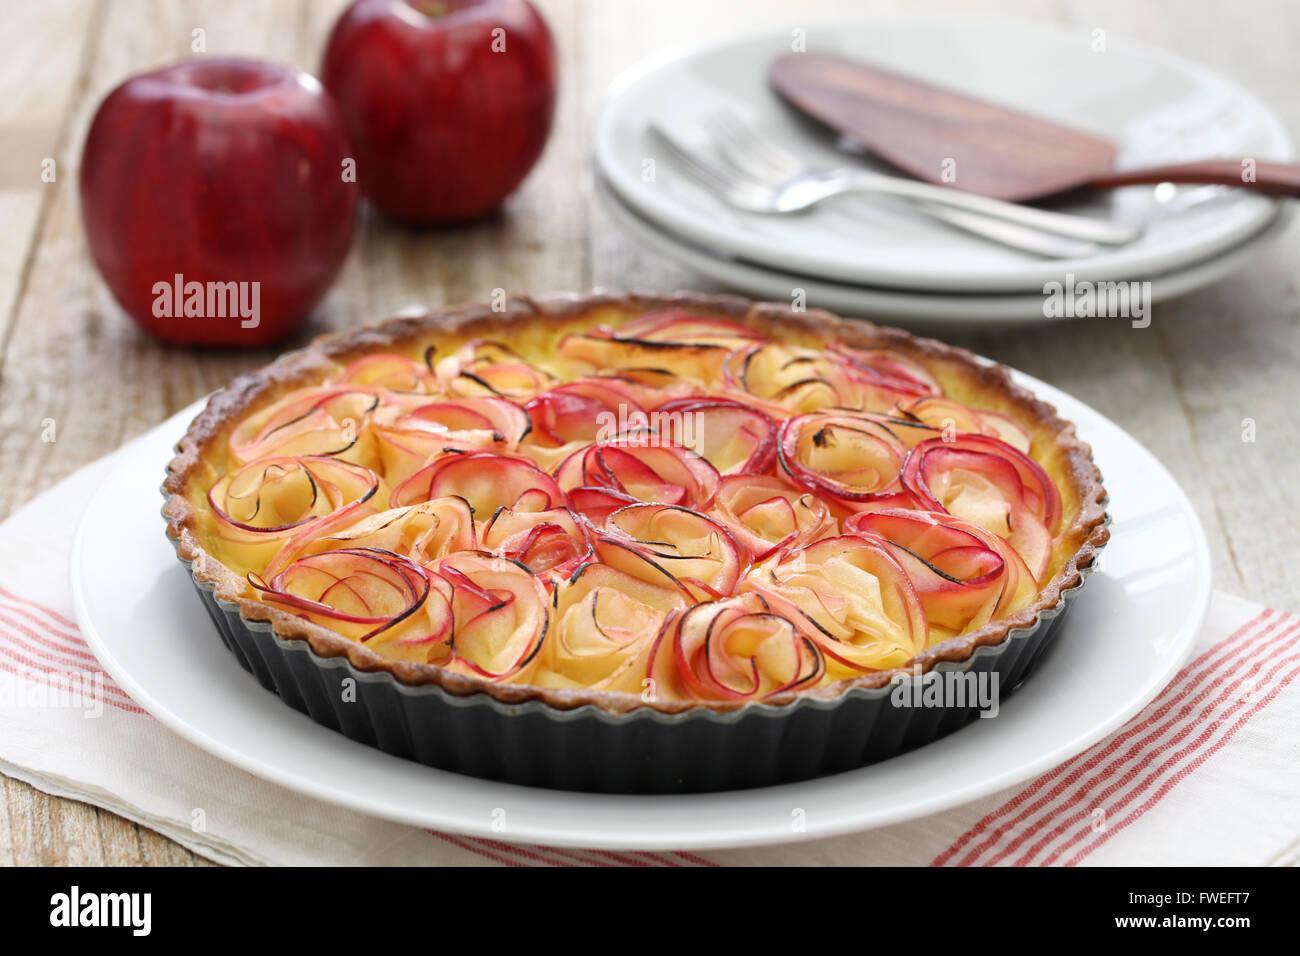 Tarta de manzana como ramo de rosas Imagen De Stock